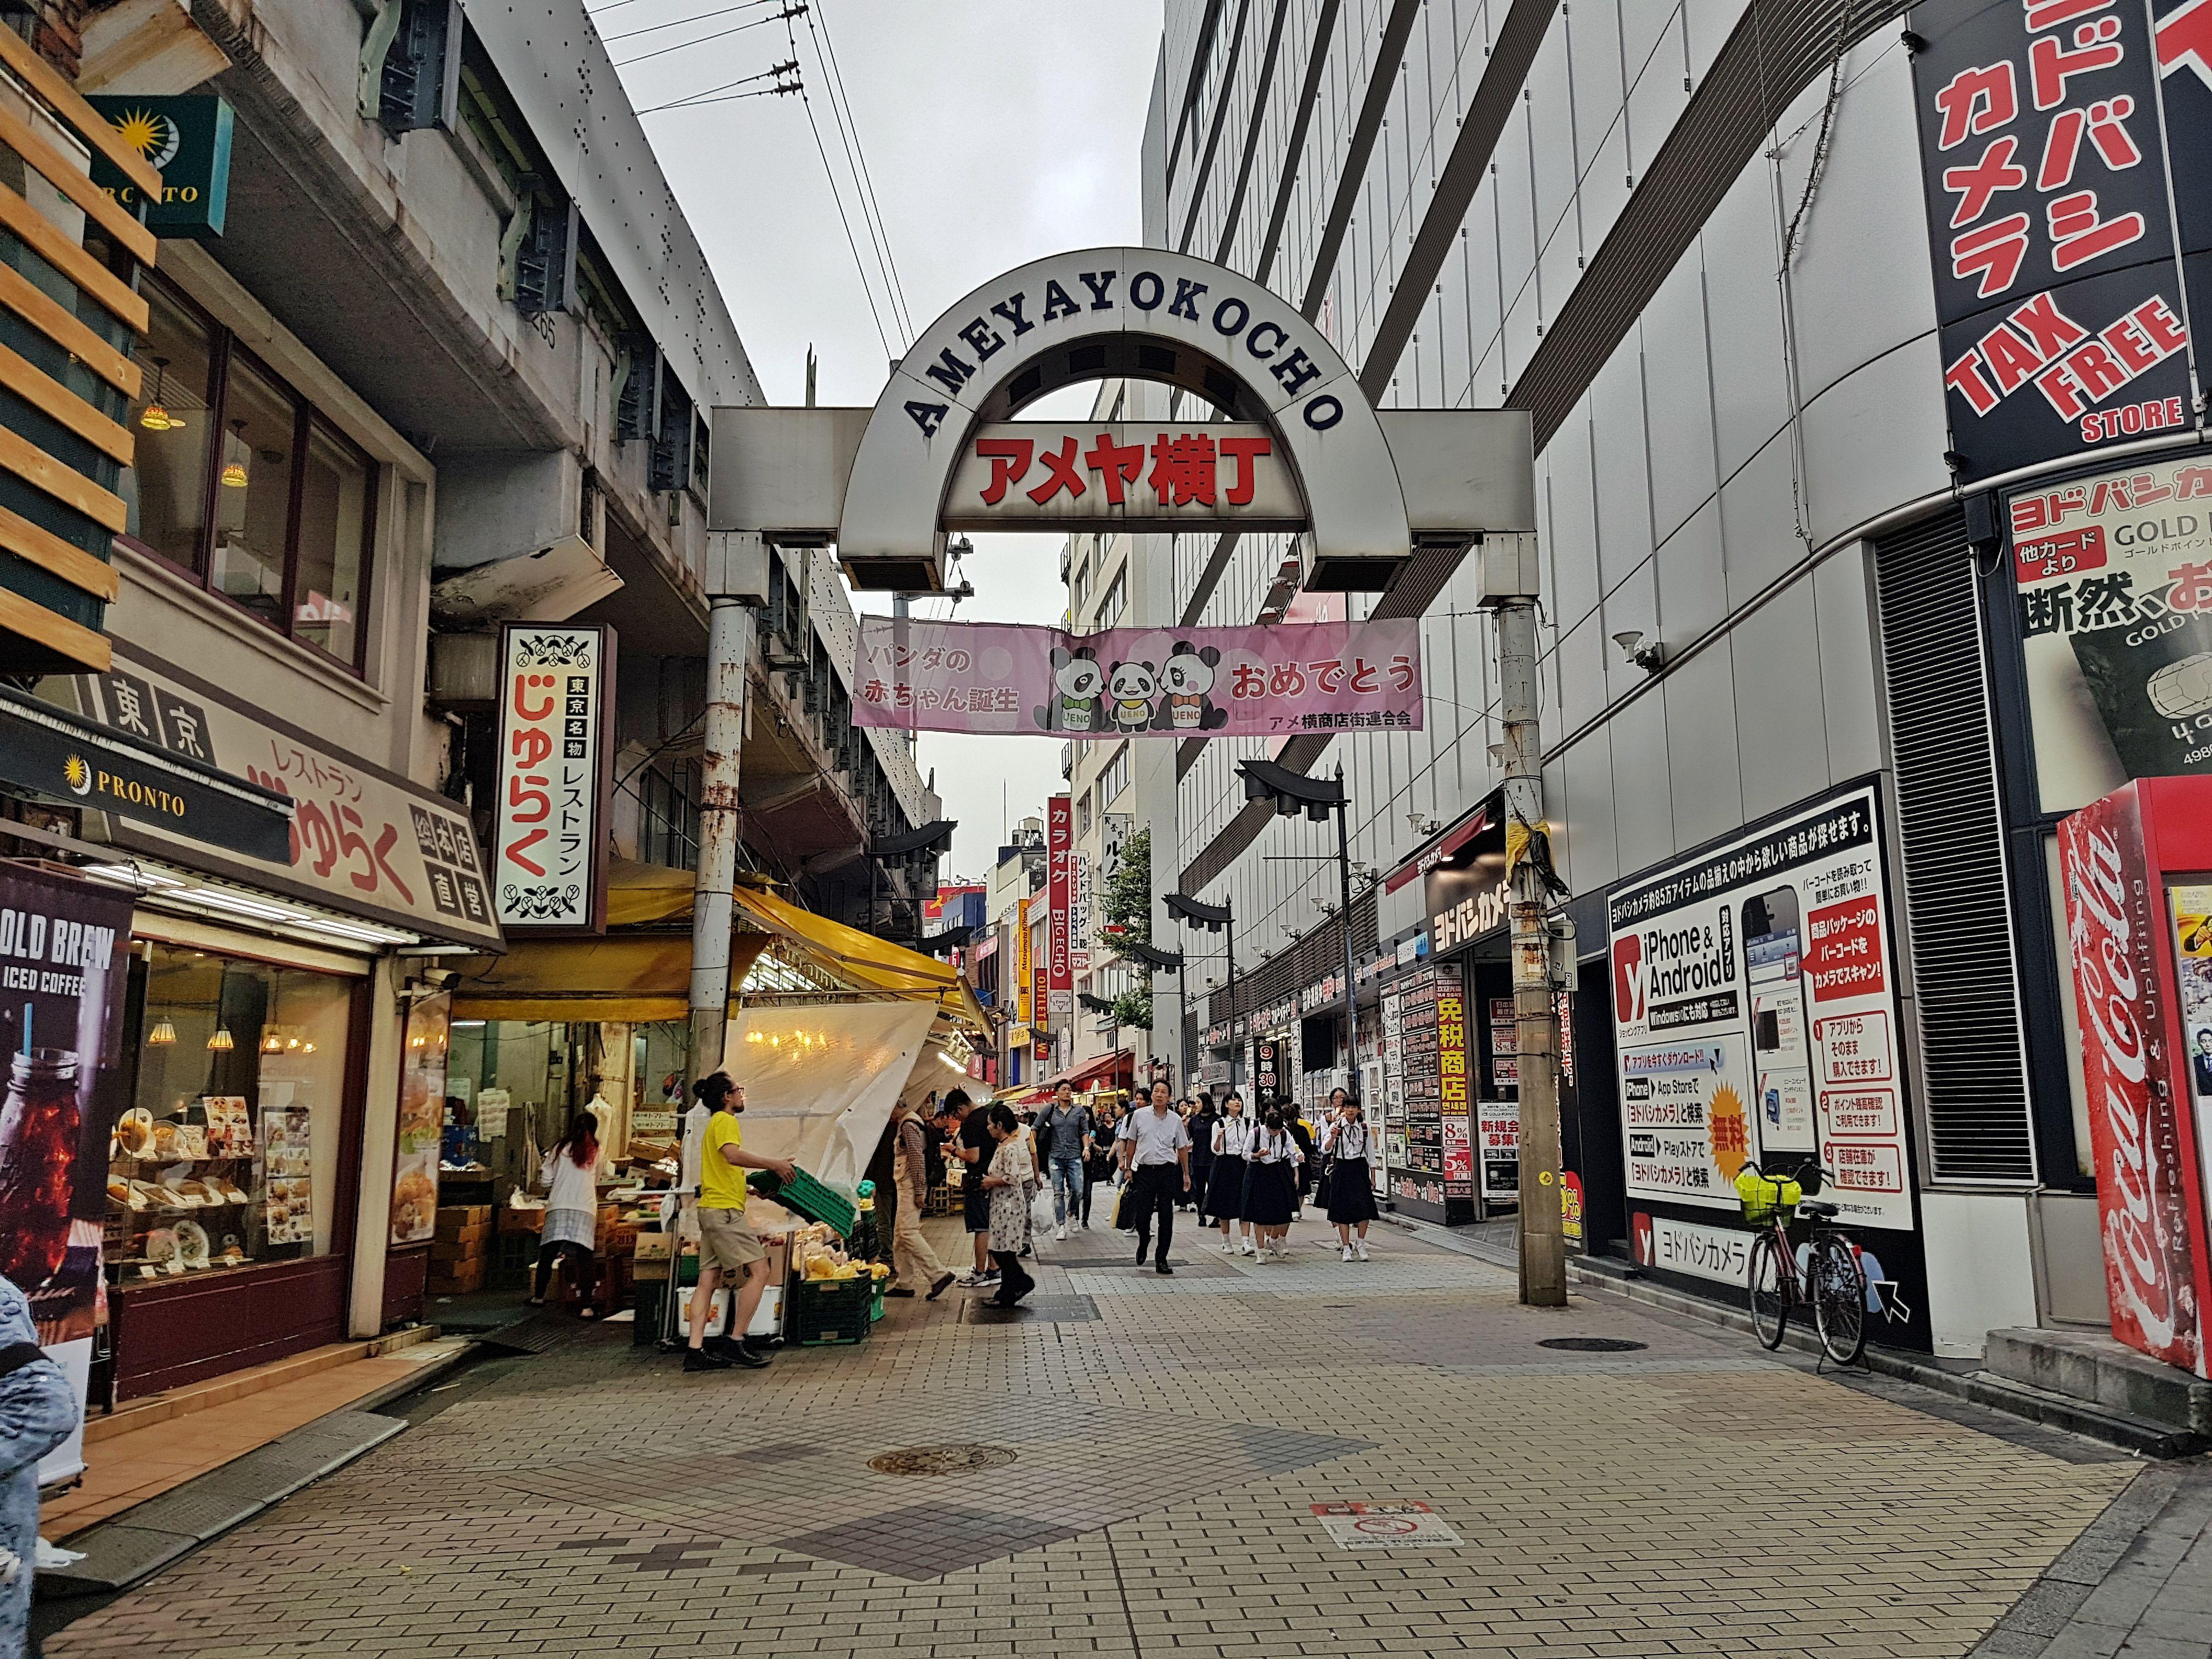 DAY 17 : Ueno - Ameyokocho, Tokyo  #Japan #Tokyo #Ueno #Ameyokocho #market